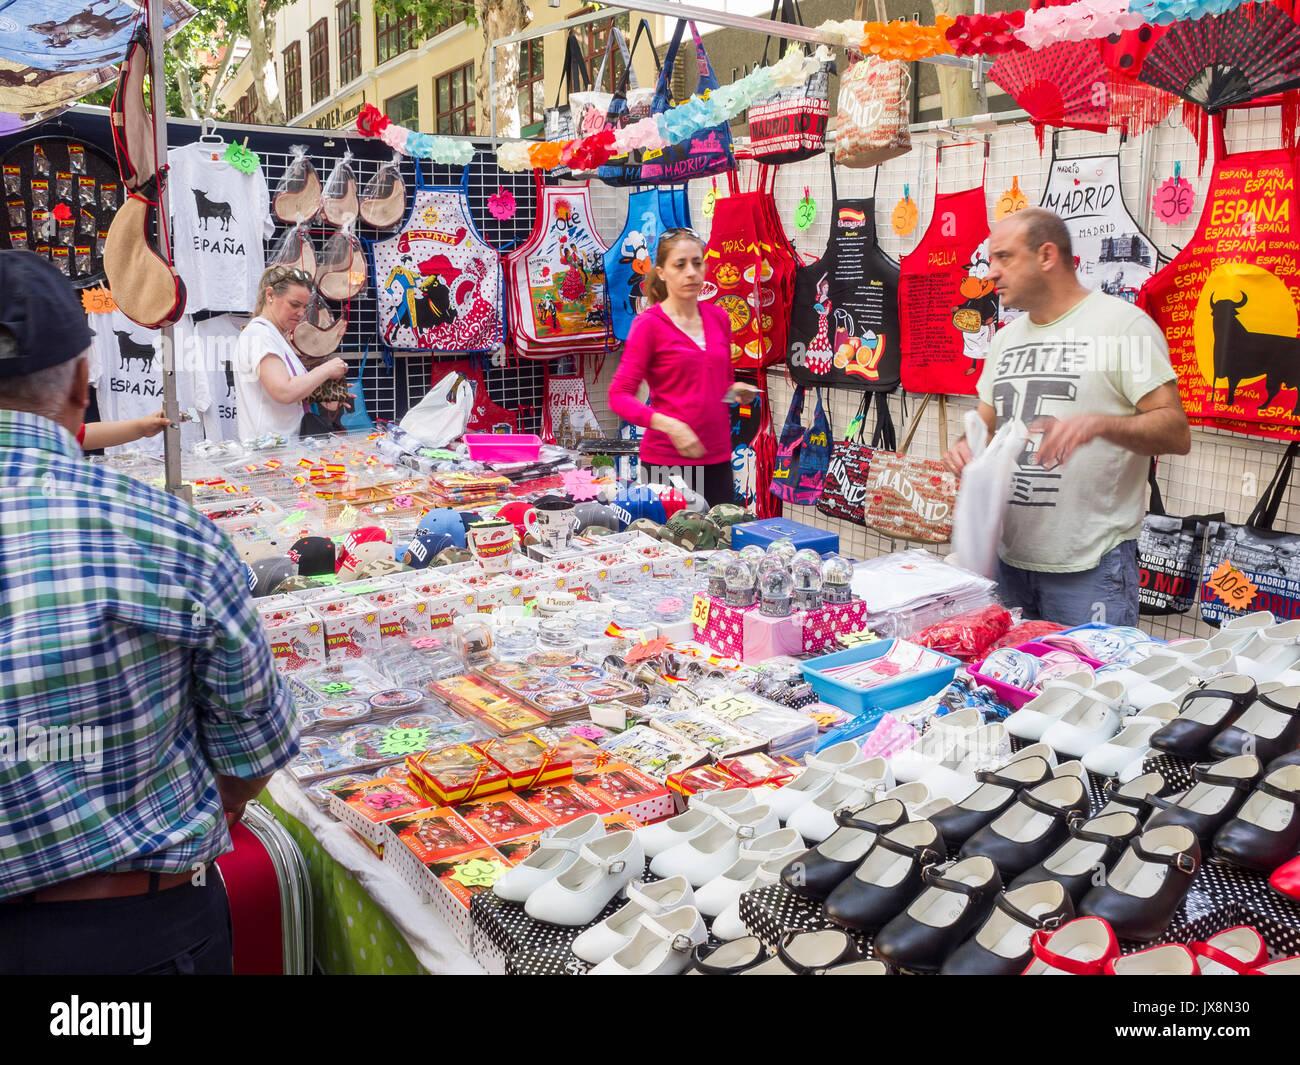 el rastro mercado al aire libre de madrid espa a stock On piedra para el mercado al aire libre